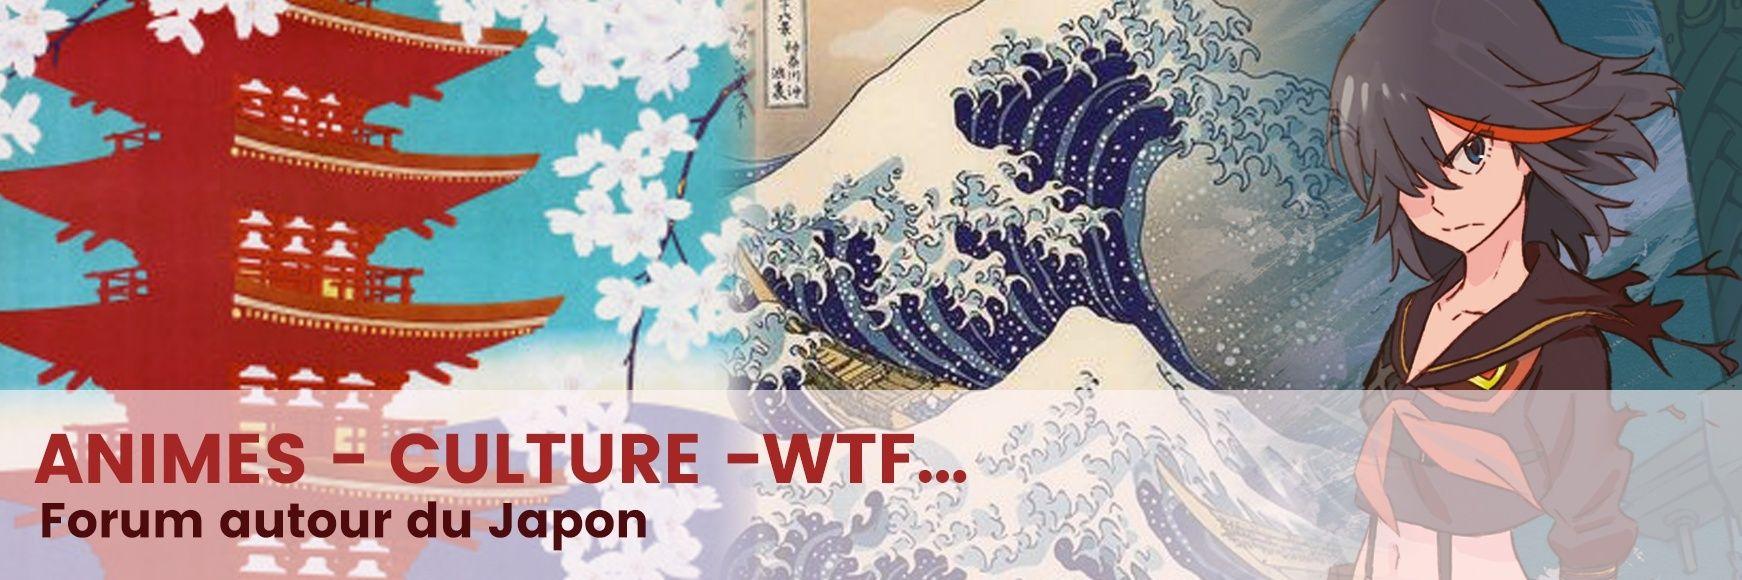 japon Culture